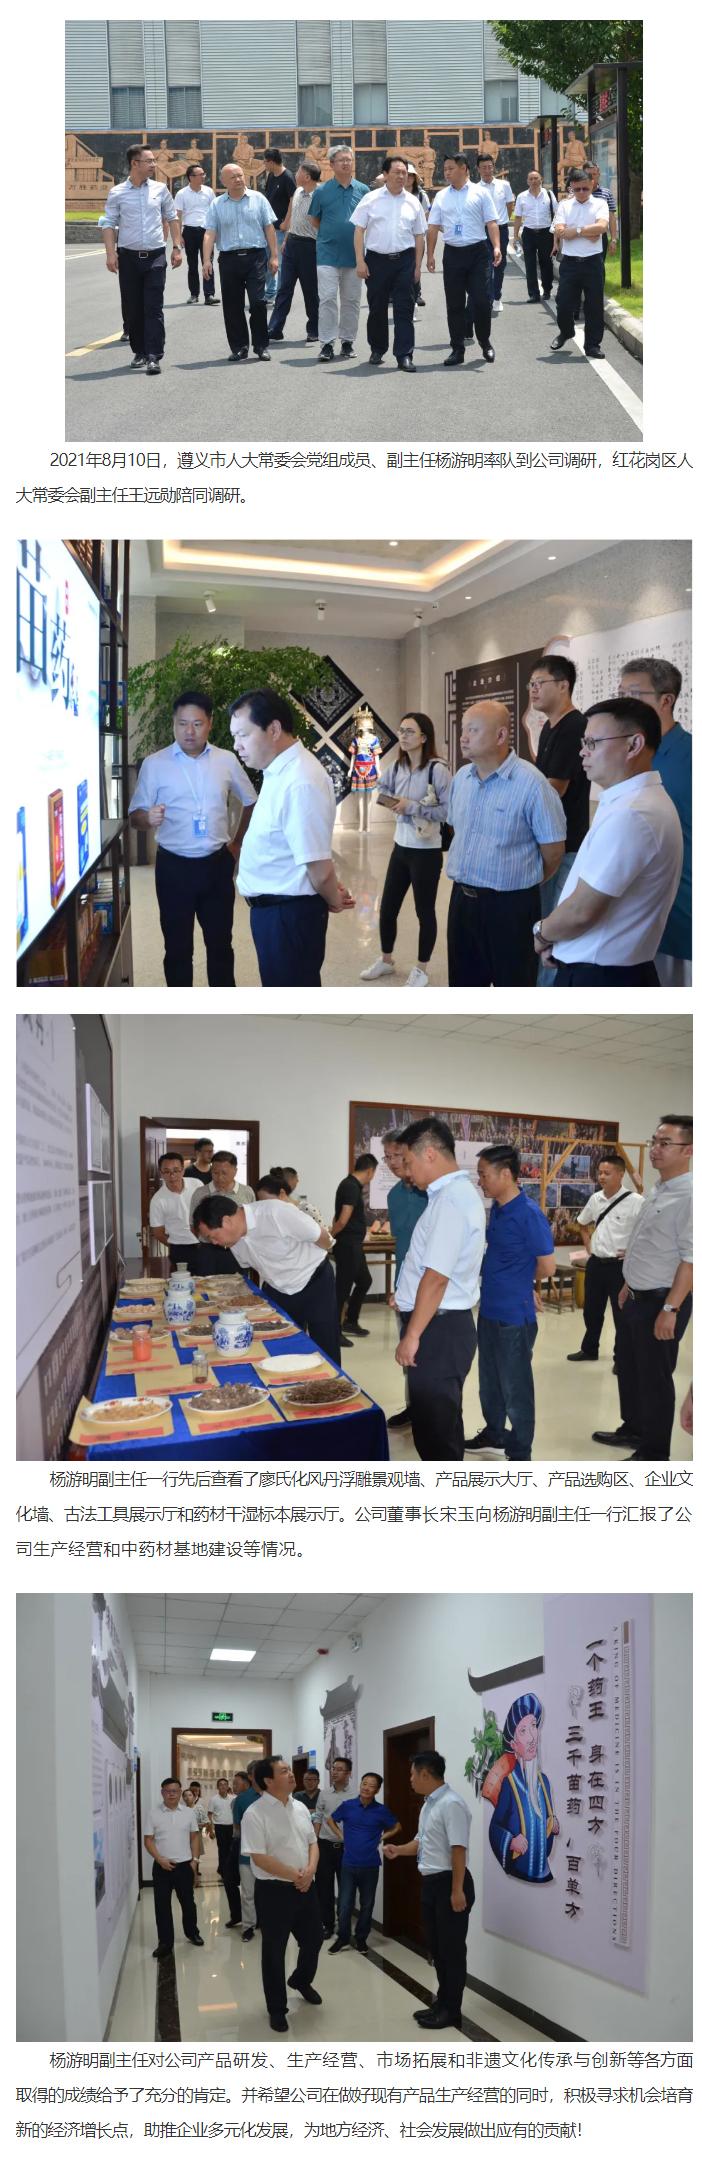 遵义市人大常务委员会副主任杨游明到公司调研.jpg